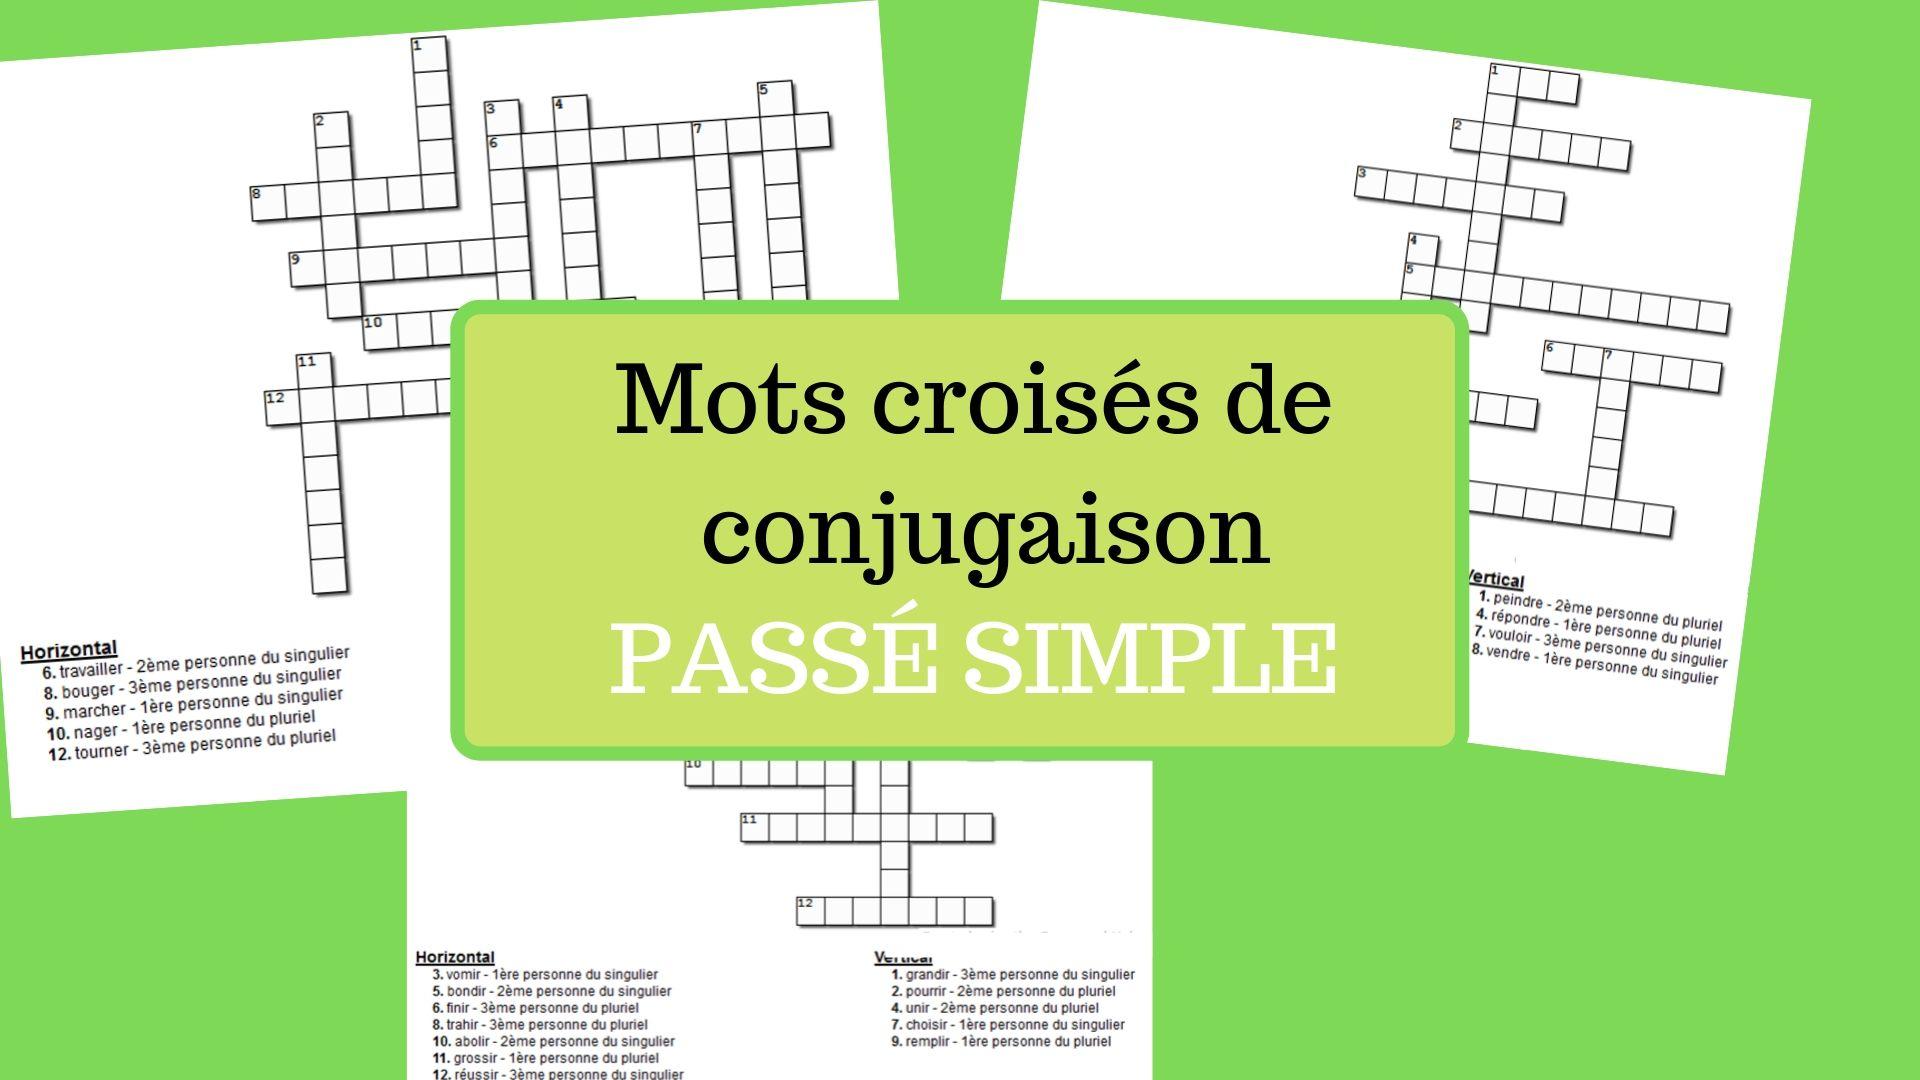 Mots Croises De Conjugaison Au Passe Simple Trois Groupes Apprendre Reviser Memoriser